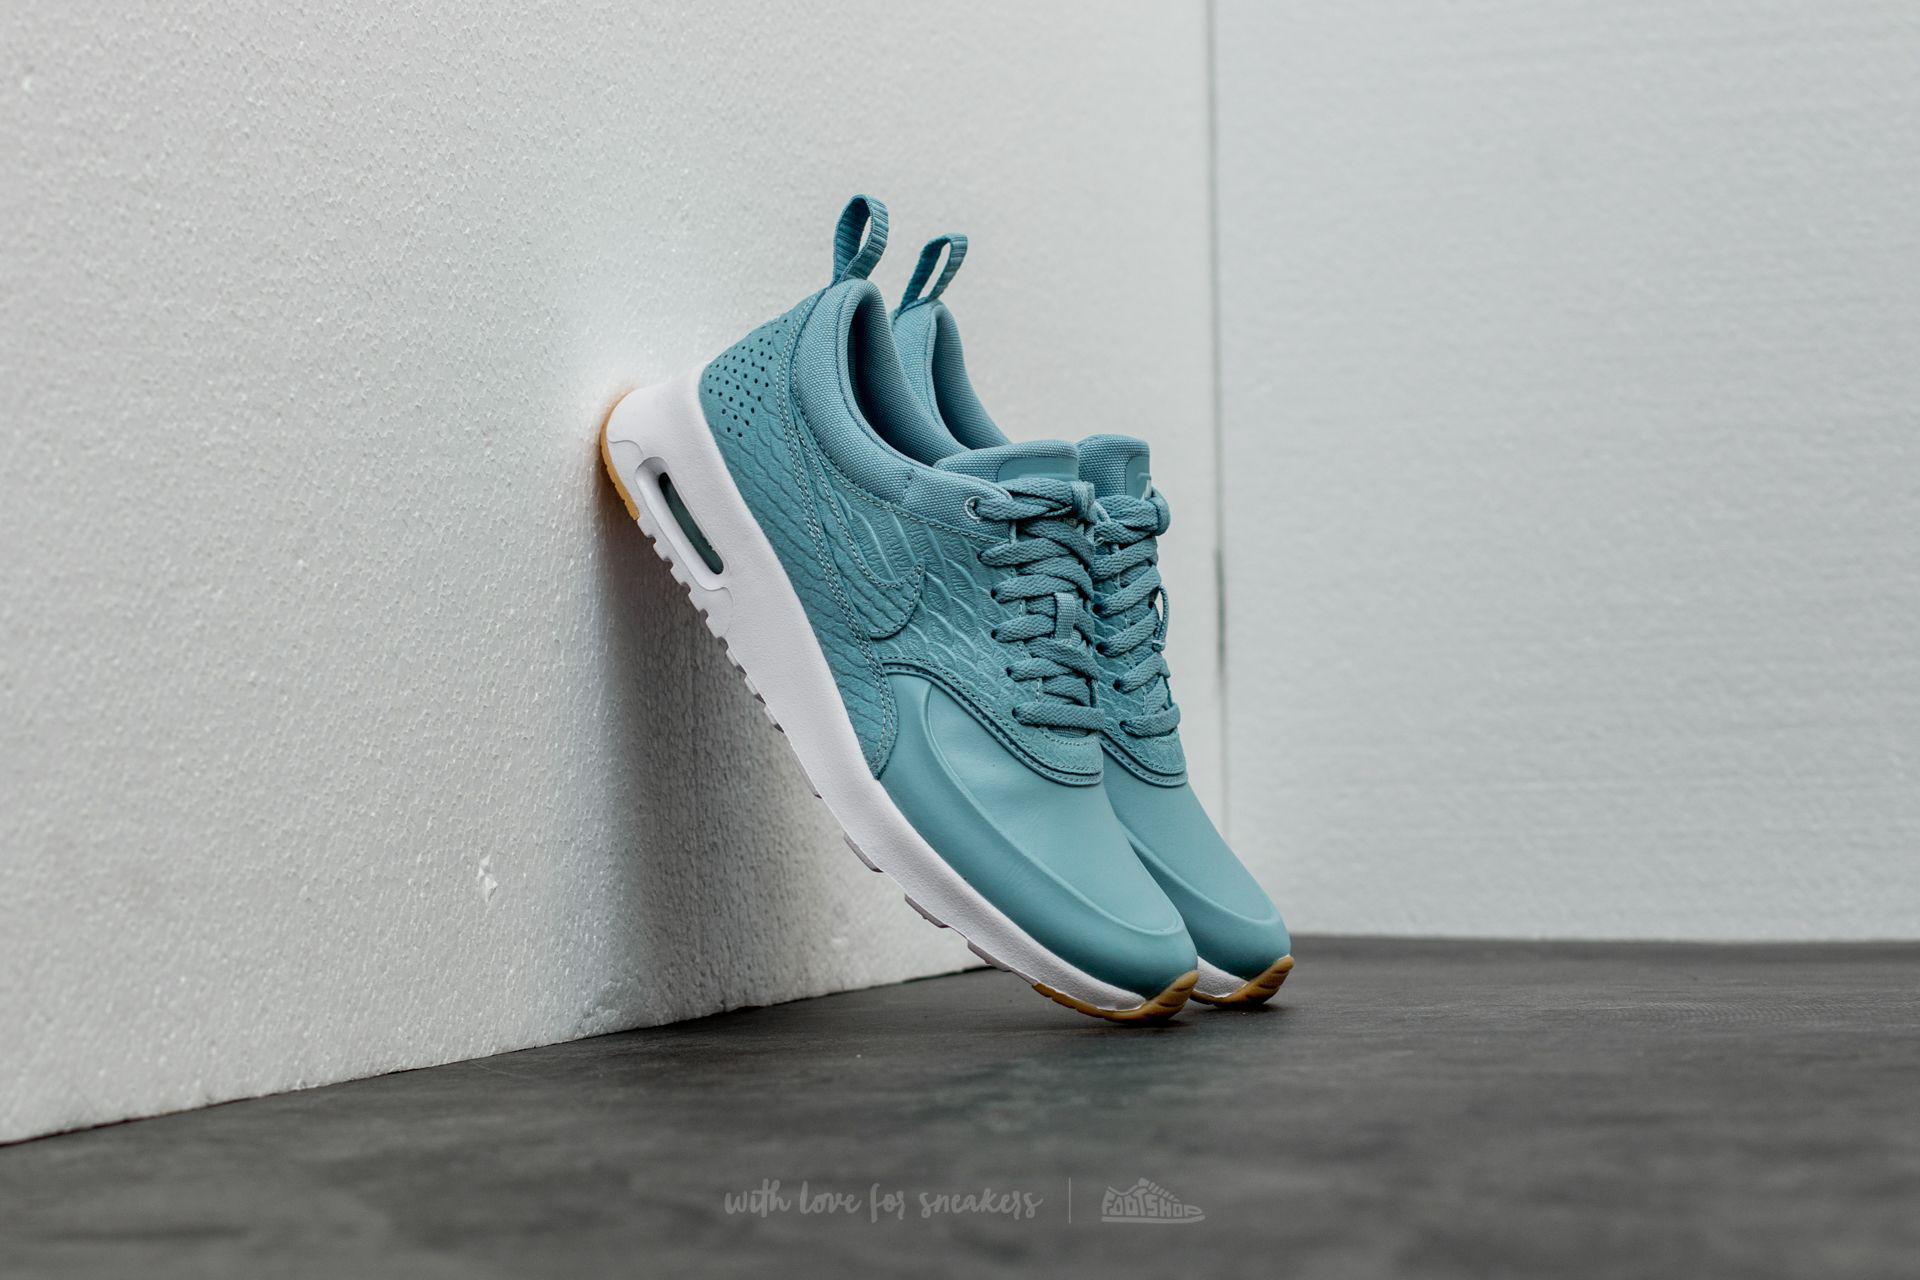 3cad33d9b8ec Lyst - Nike Wmns Air Max Thea Premium Mica Blue  Mica Blue-gum ...